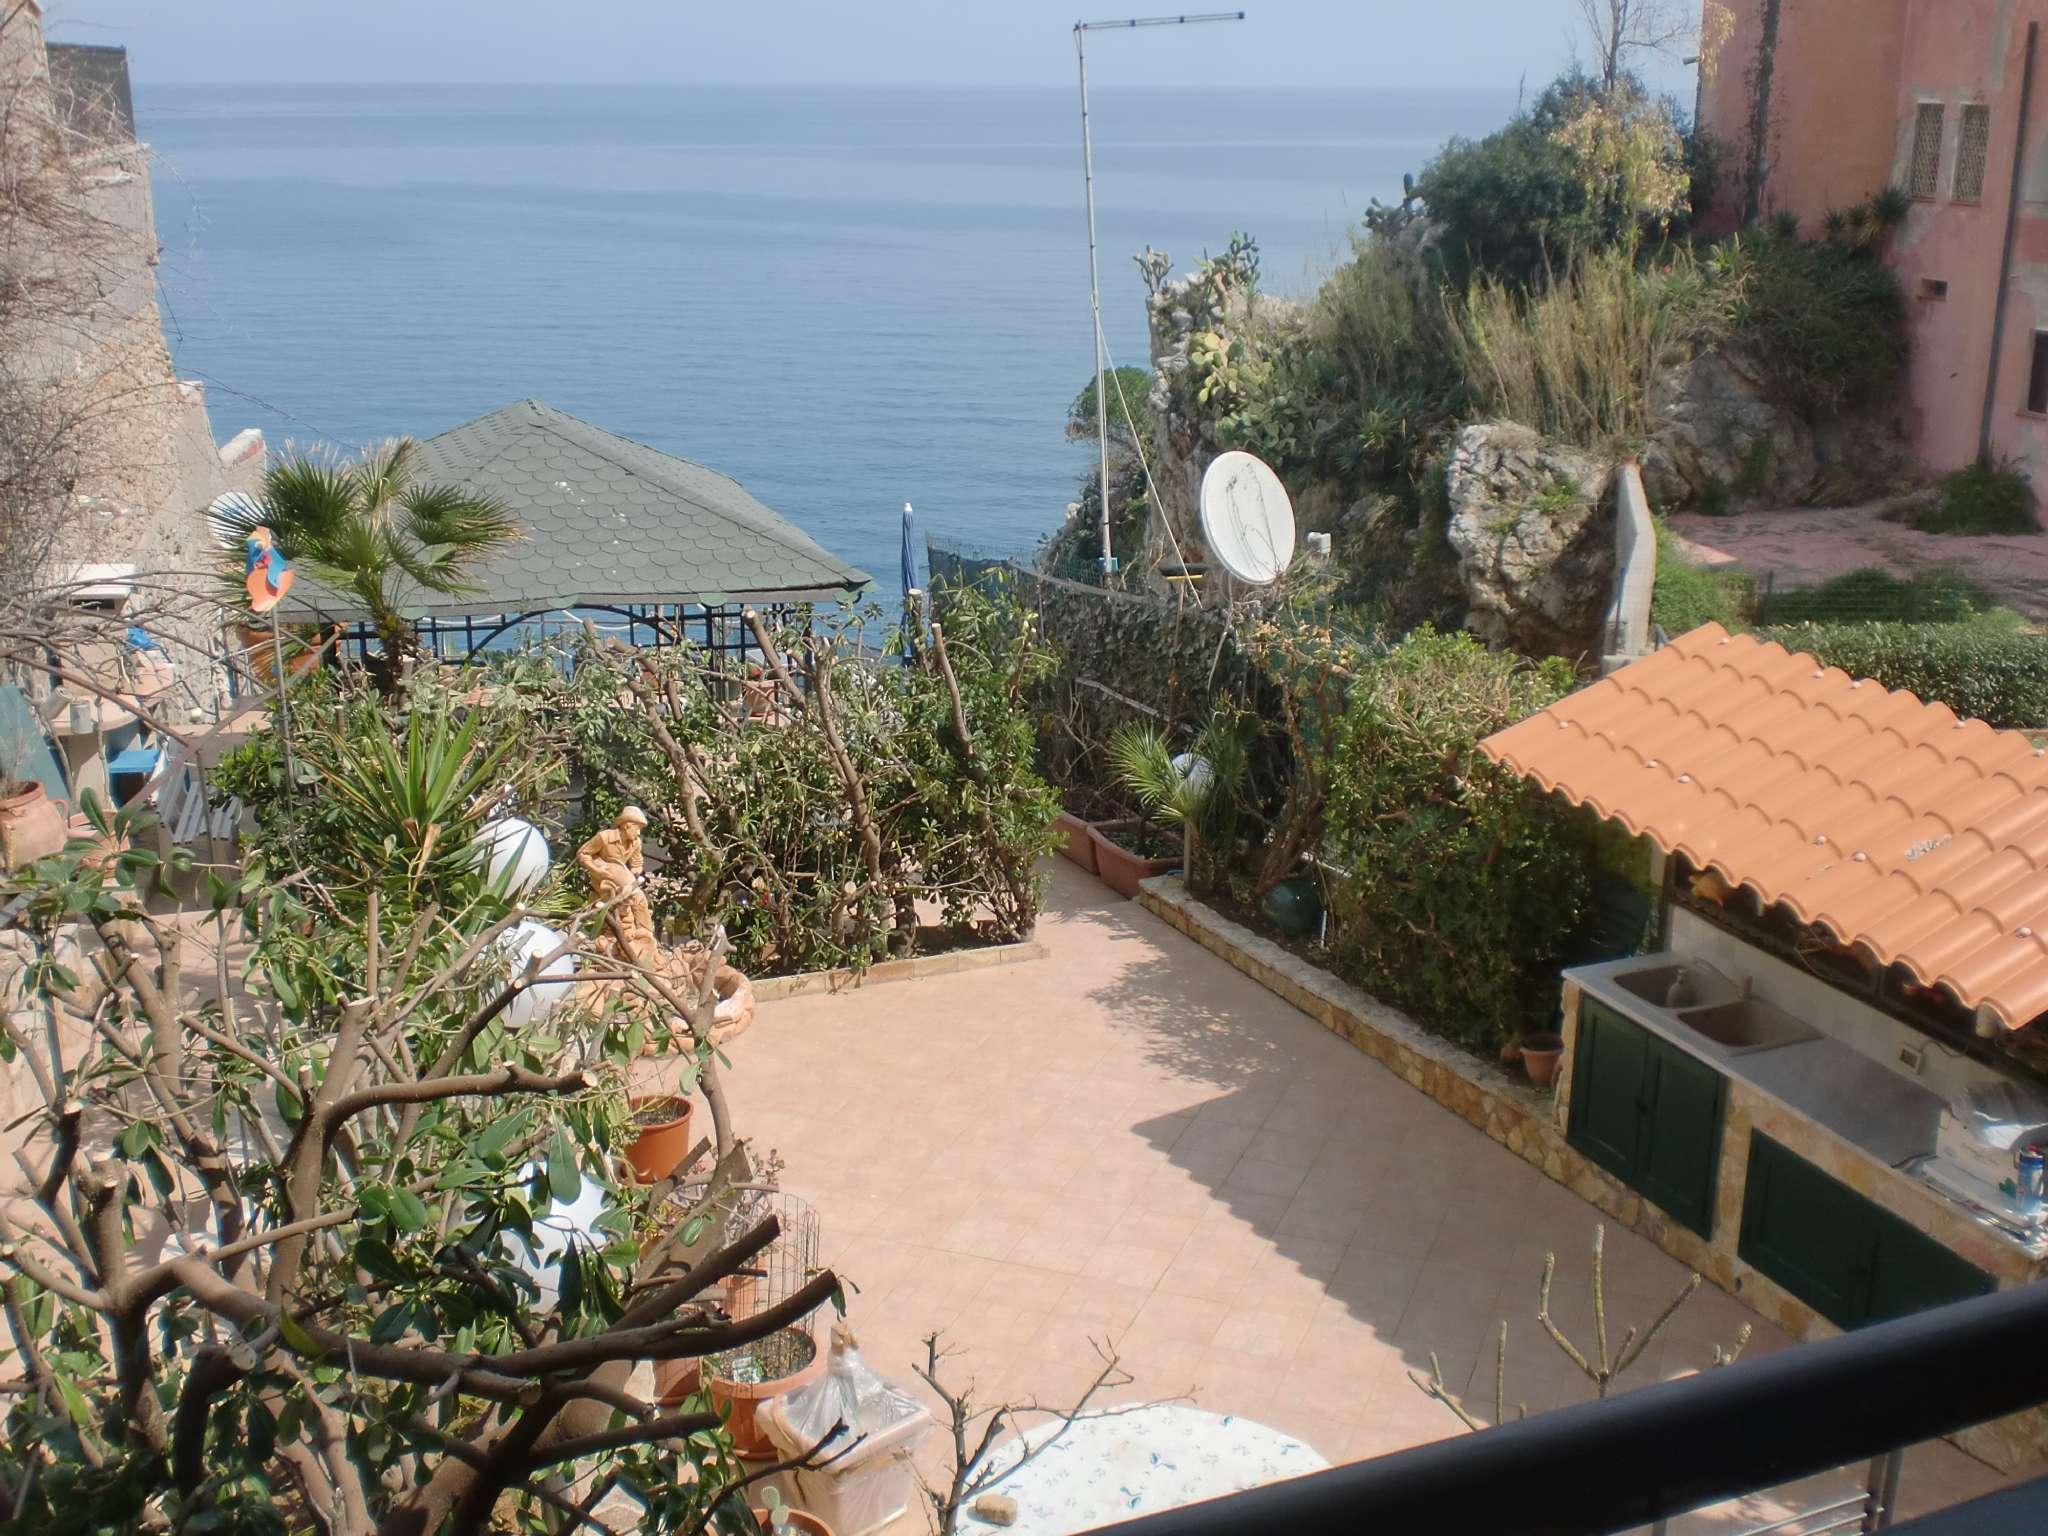 Appartamento in vendita a Santa Flavia, 7 locali, prezzo € 400.000 | PortaleAgenzieImmobiliari.it